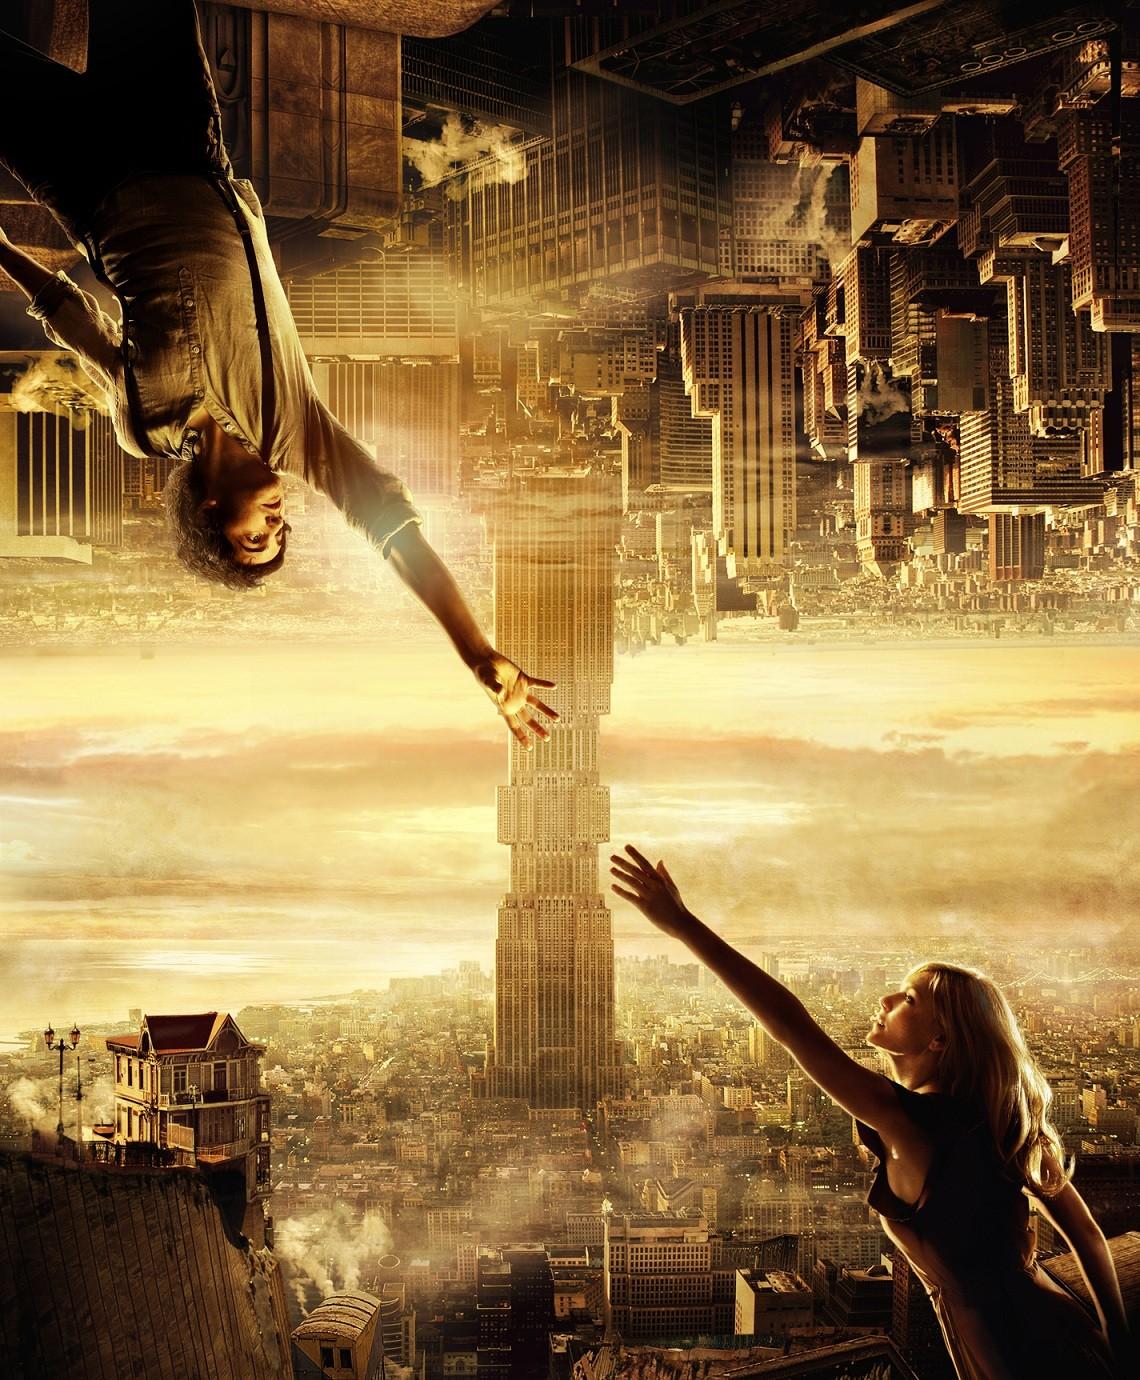 http://4.bp.blogspot.com/-kDjsdNYGk2M/UAR9pIl1qkI/AAAAAAAAgs0/sHo2Qz9ffdU/s1600/Upside+Down+Movie+Poster+Design+Cinema65.com.jpg